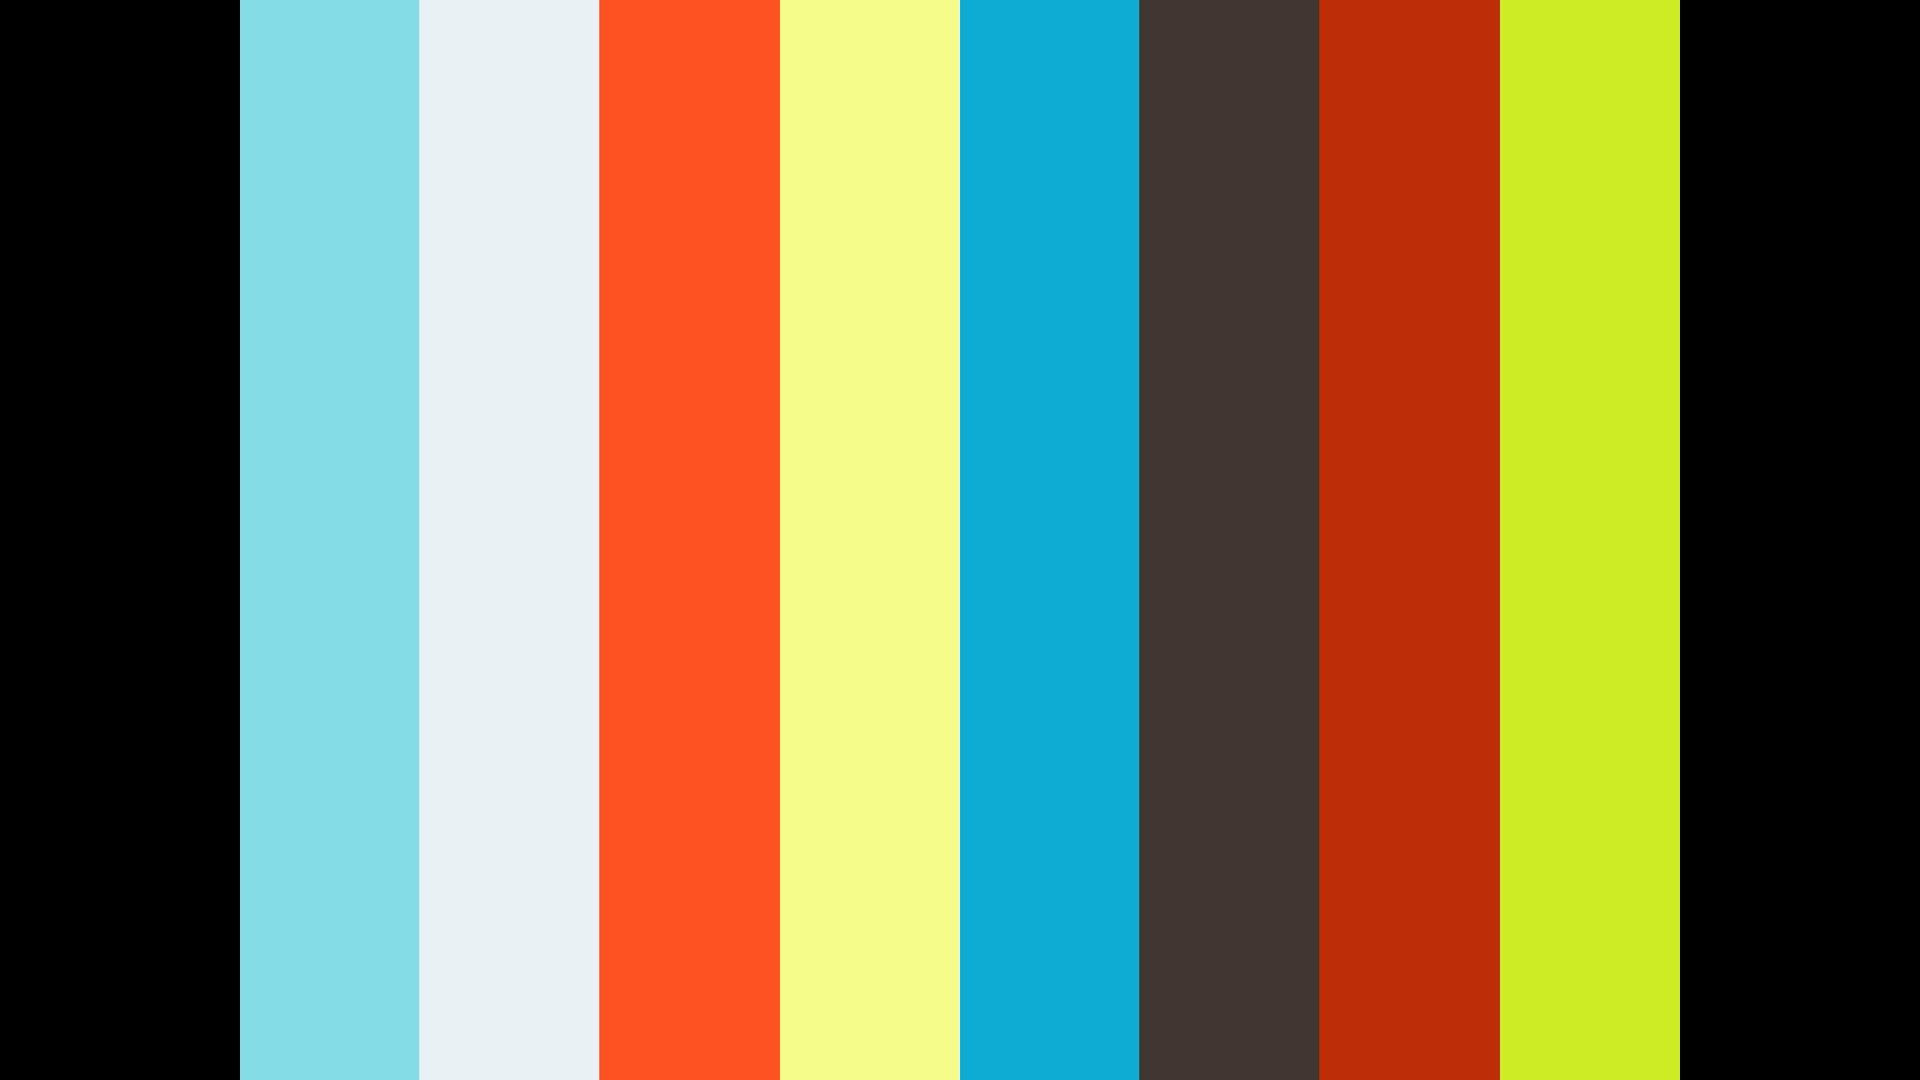 2017-05-12 UBS 23sec Online Masterspot_V01_DE